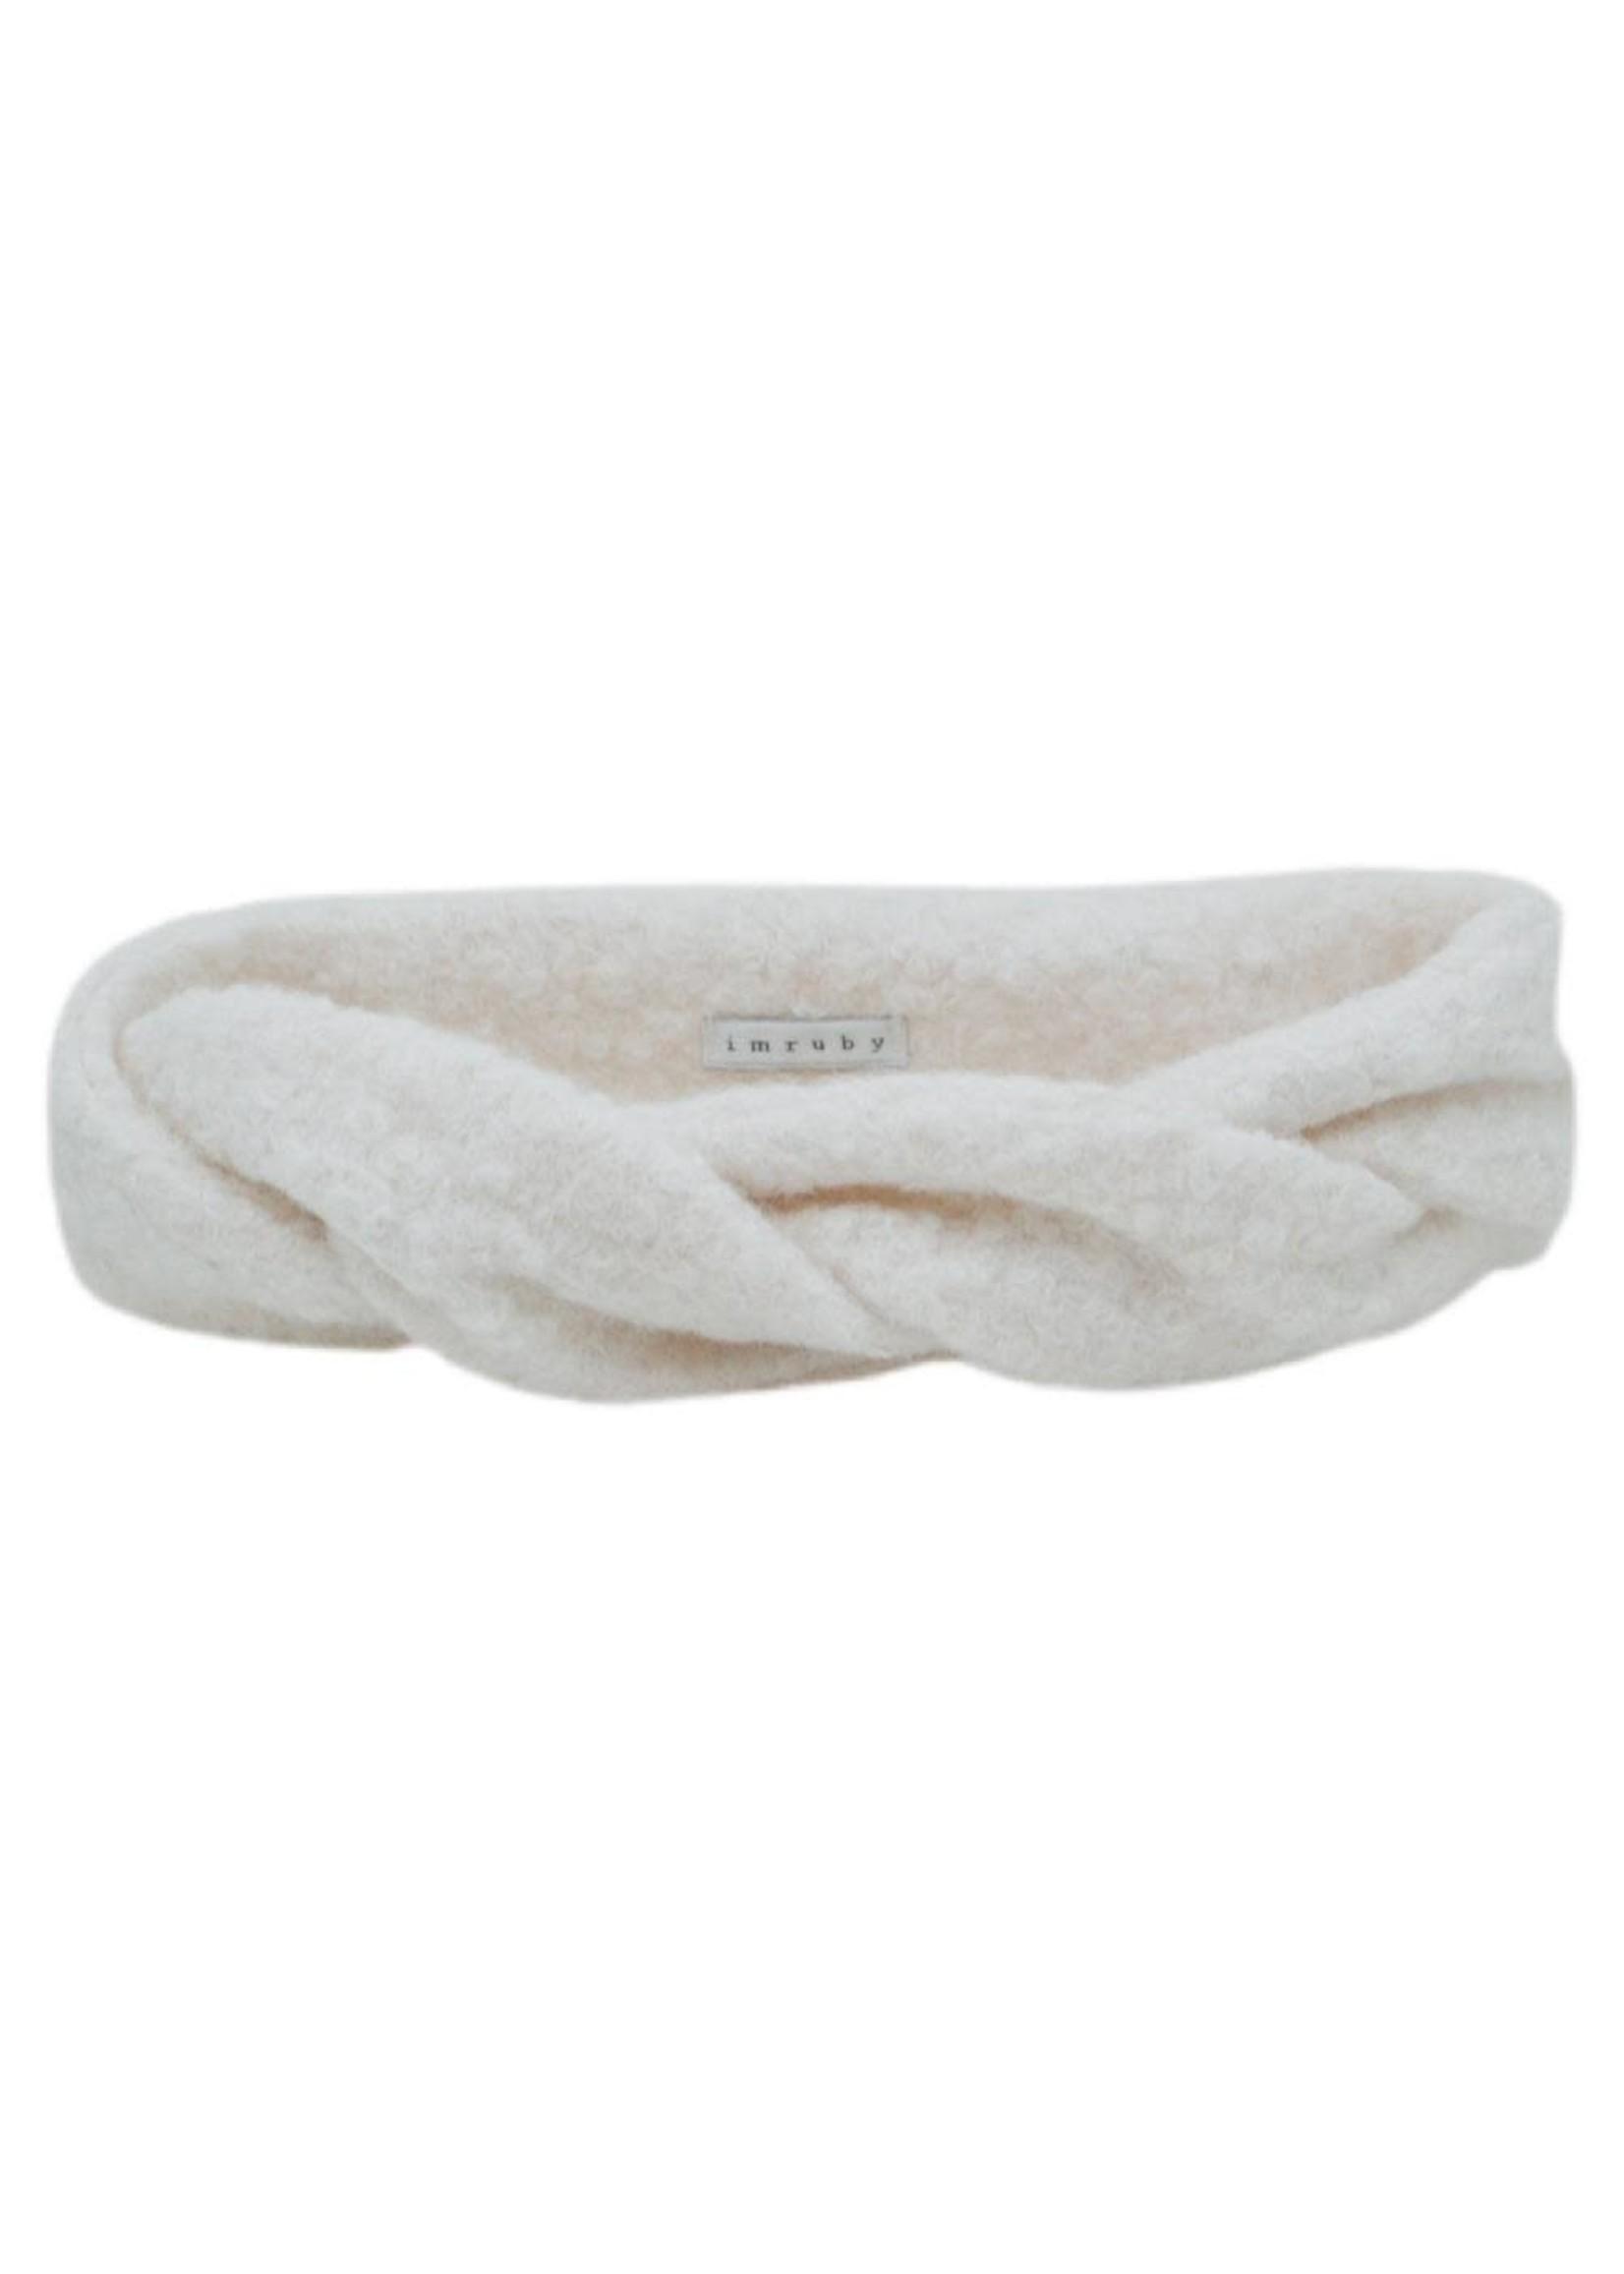 IMRUBY ANEMONE Headband